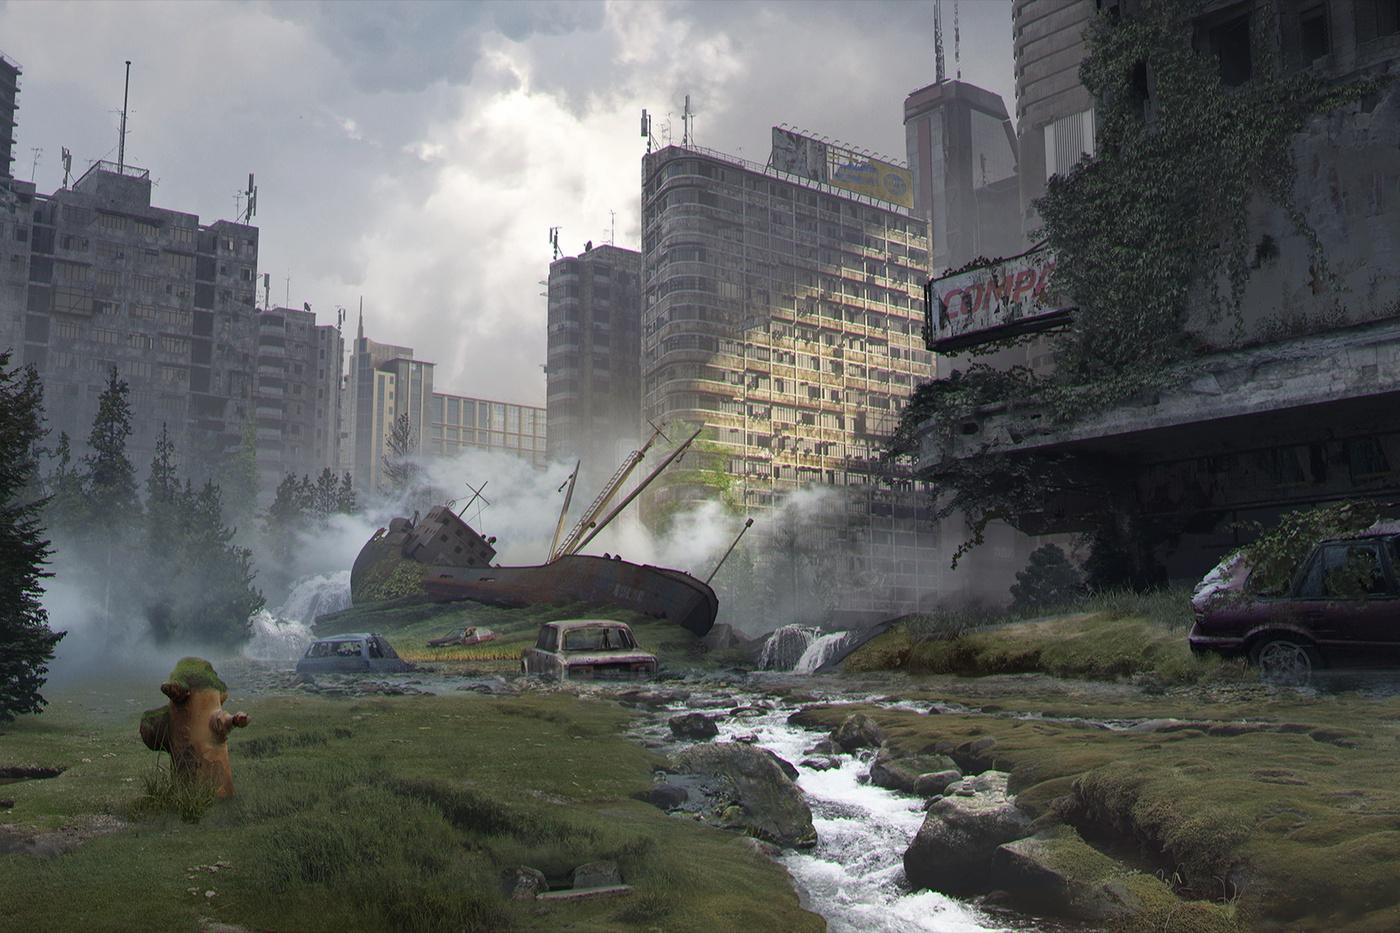 city model building overgrown plants destruction